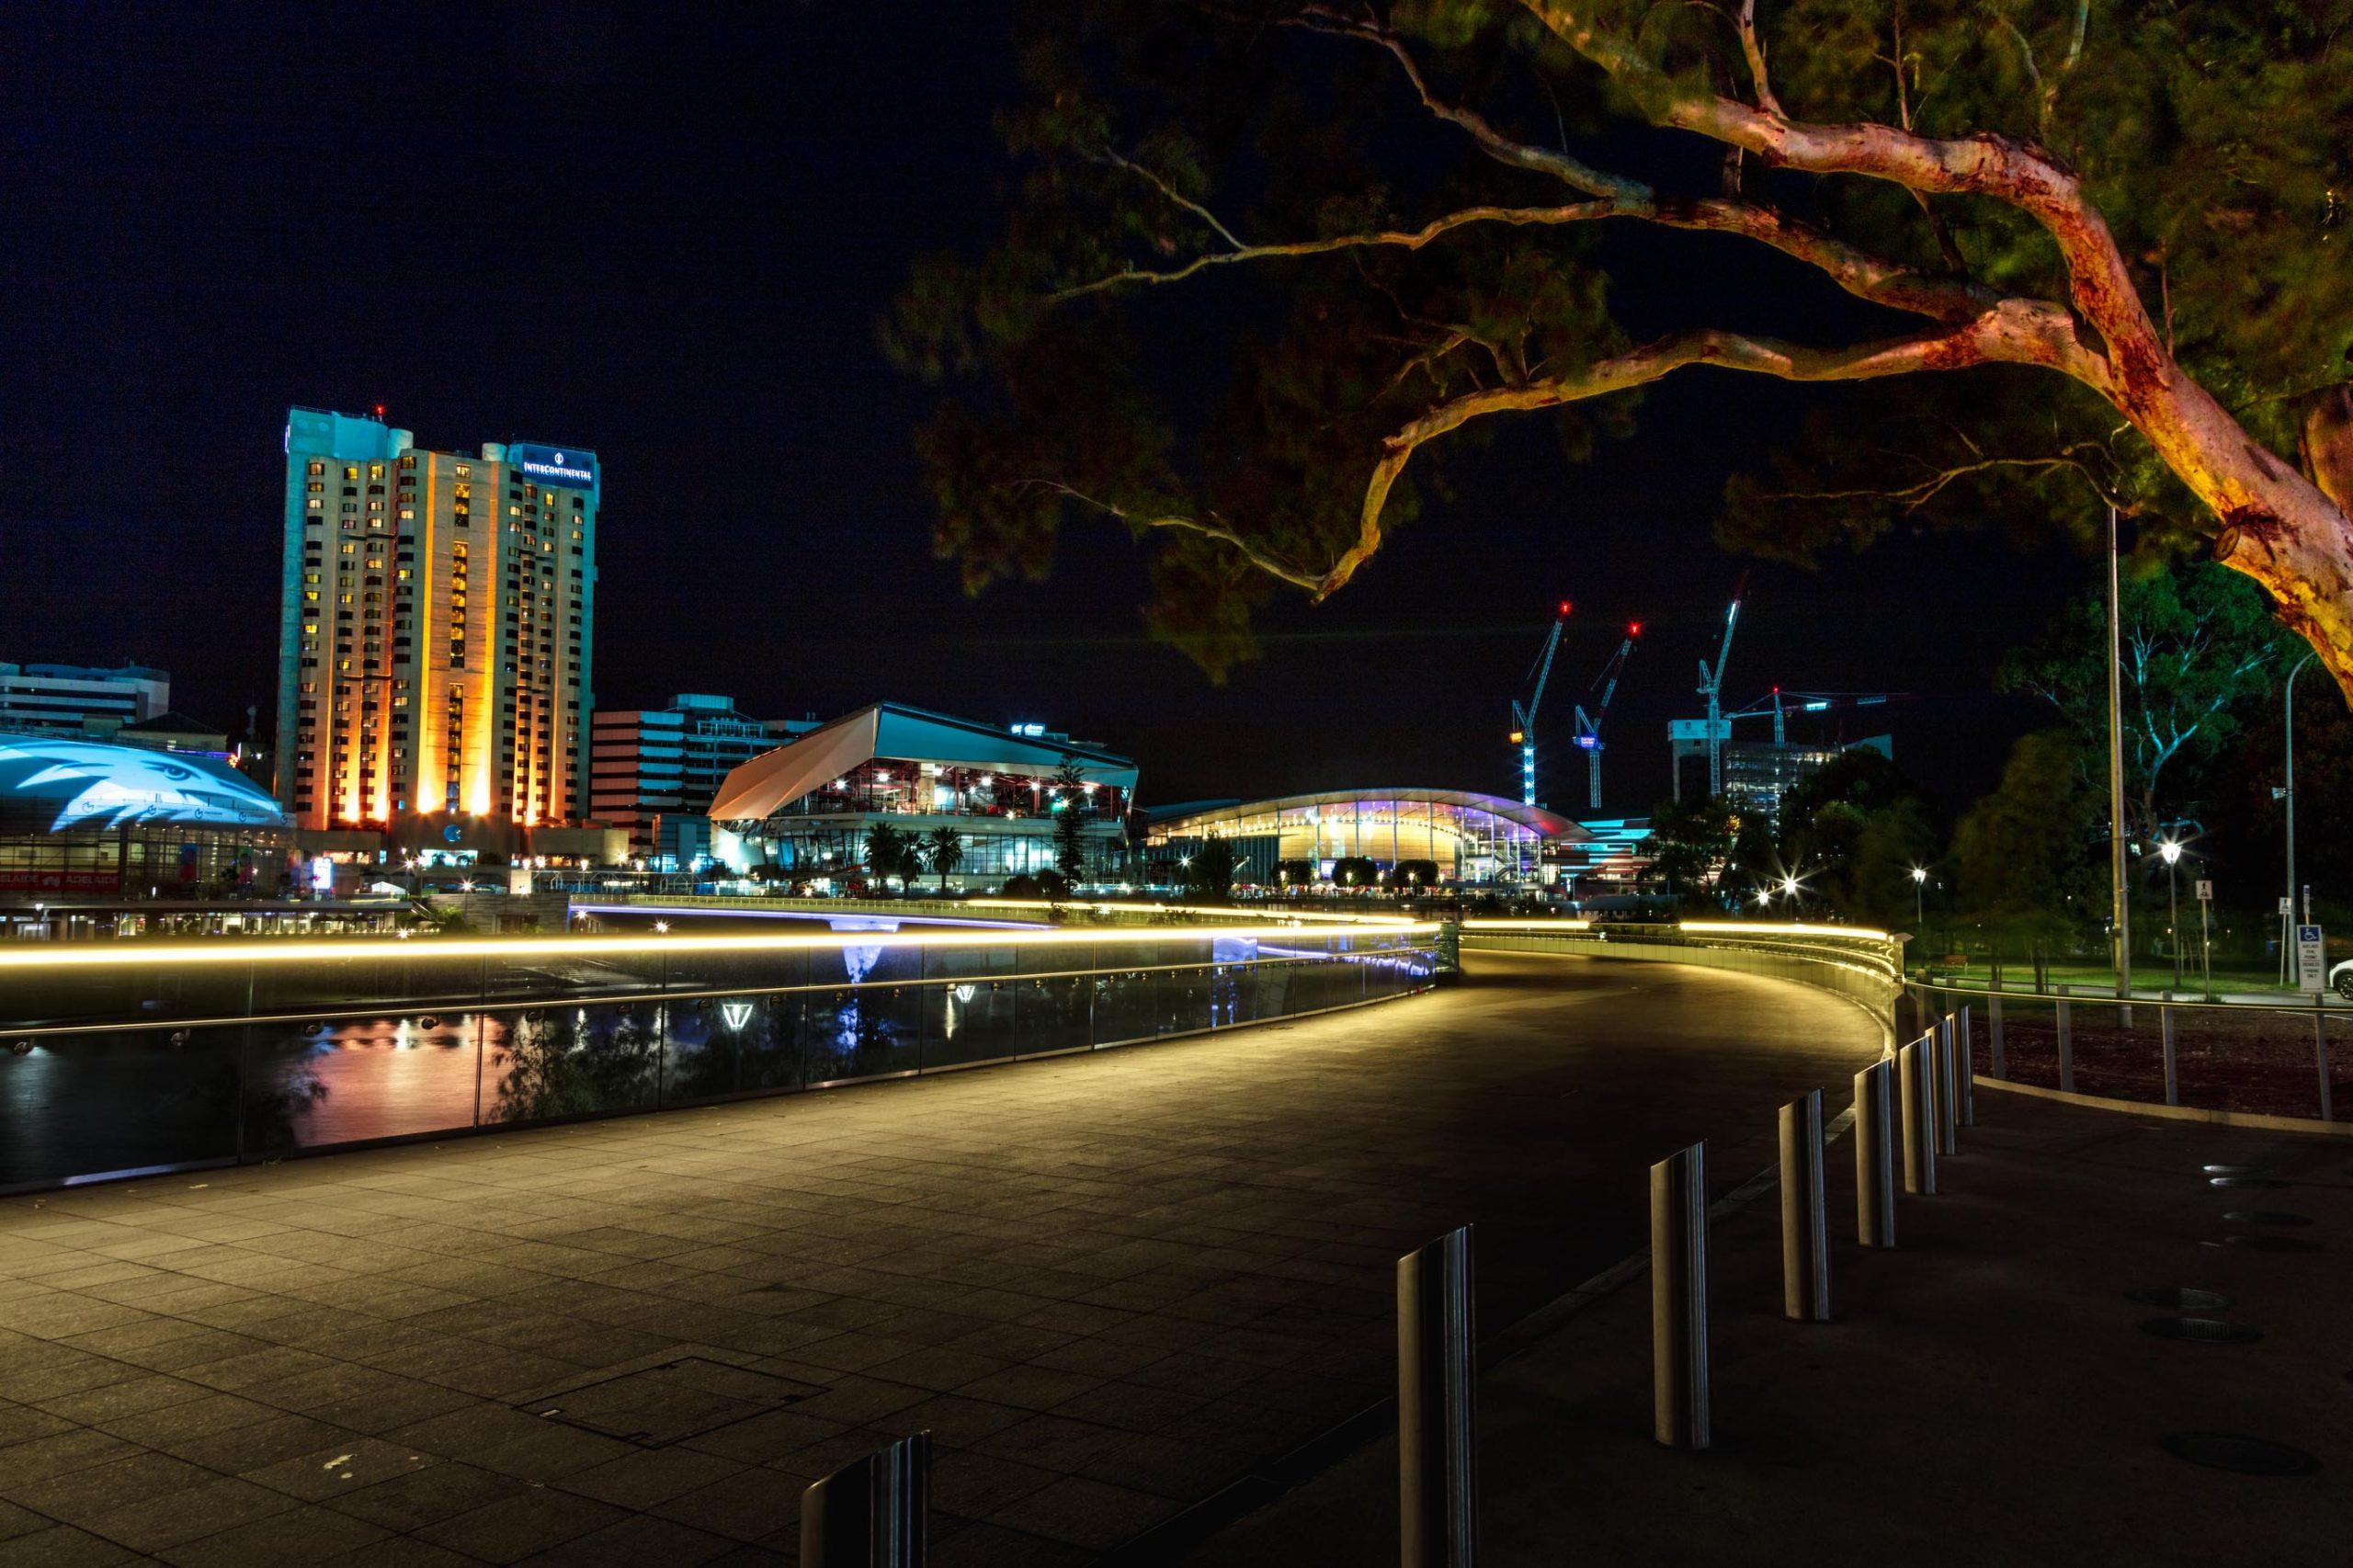 La ville d'Adélaïde en Australie